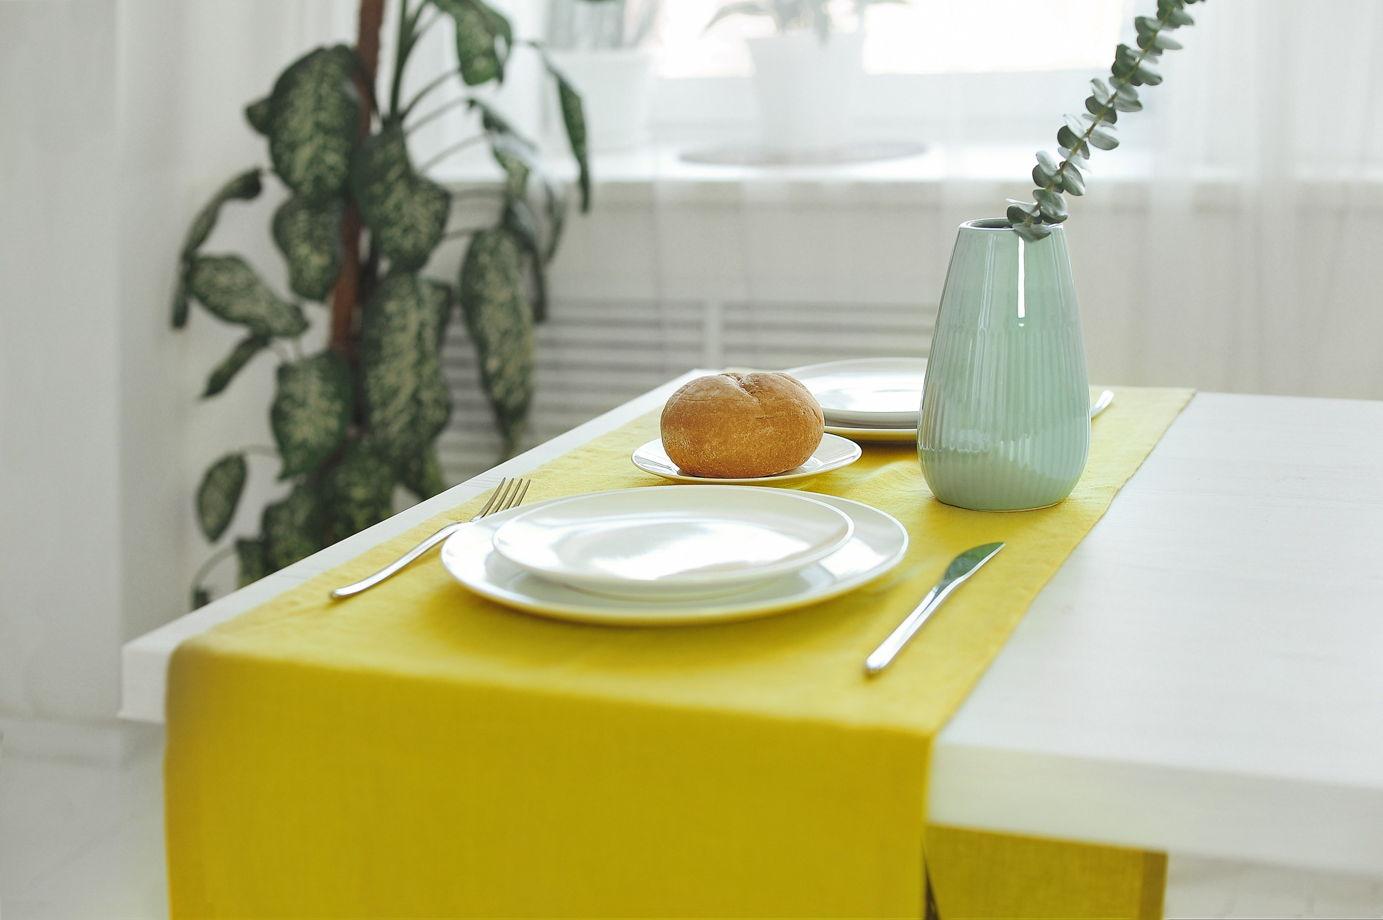 Раннер из умягченного льна лимонного цвета